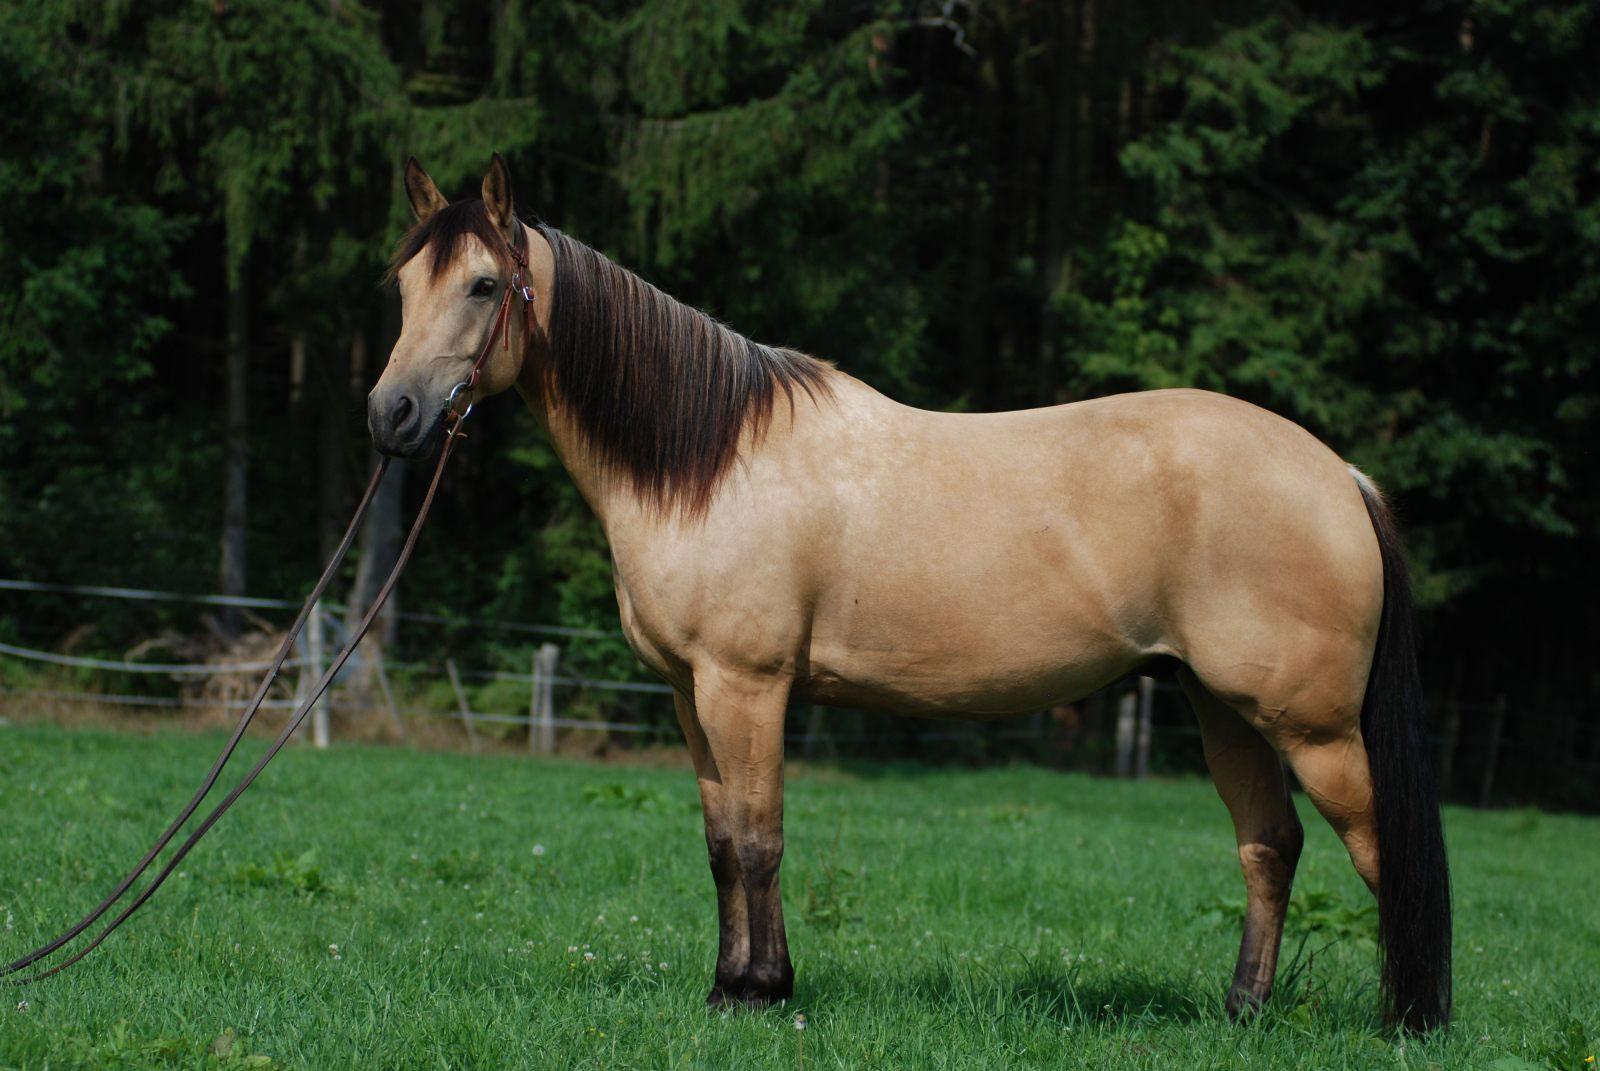 Caballo quarter horse